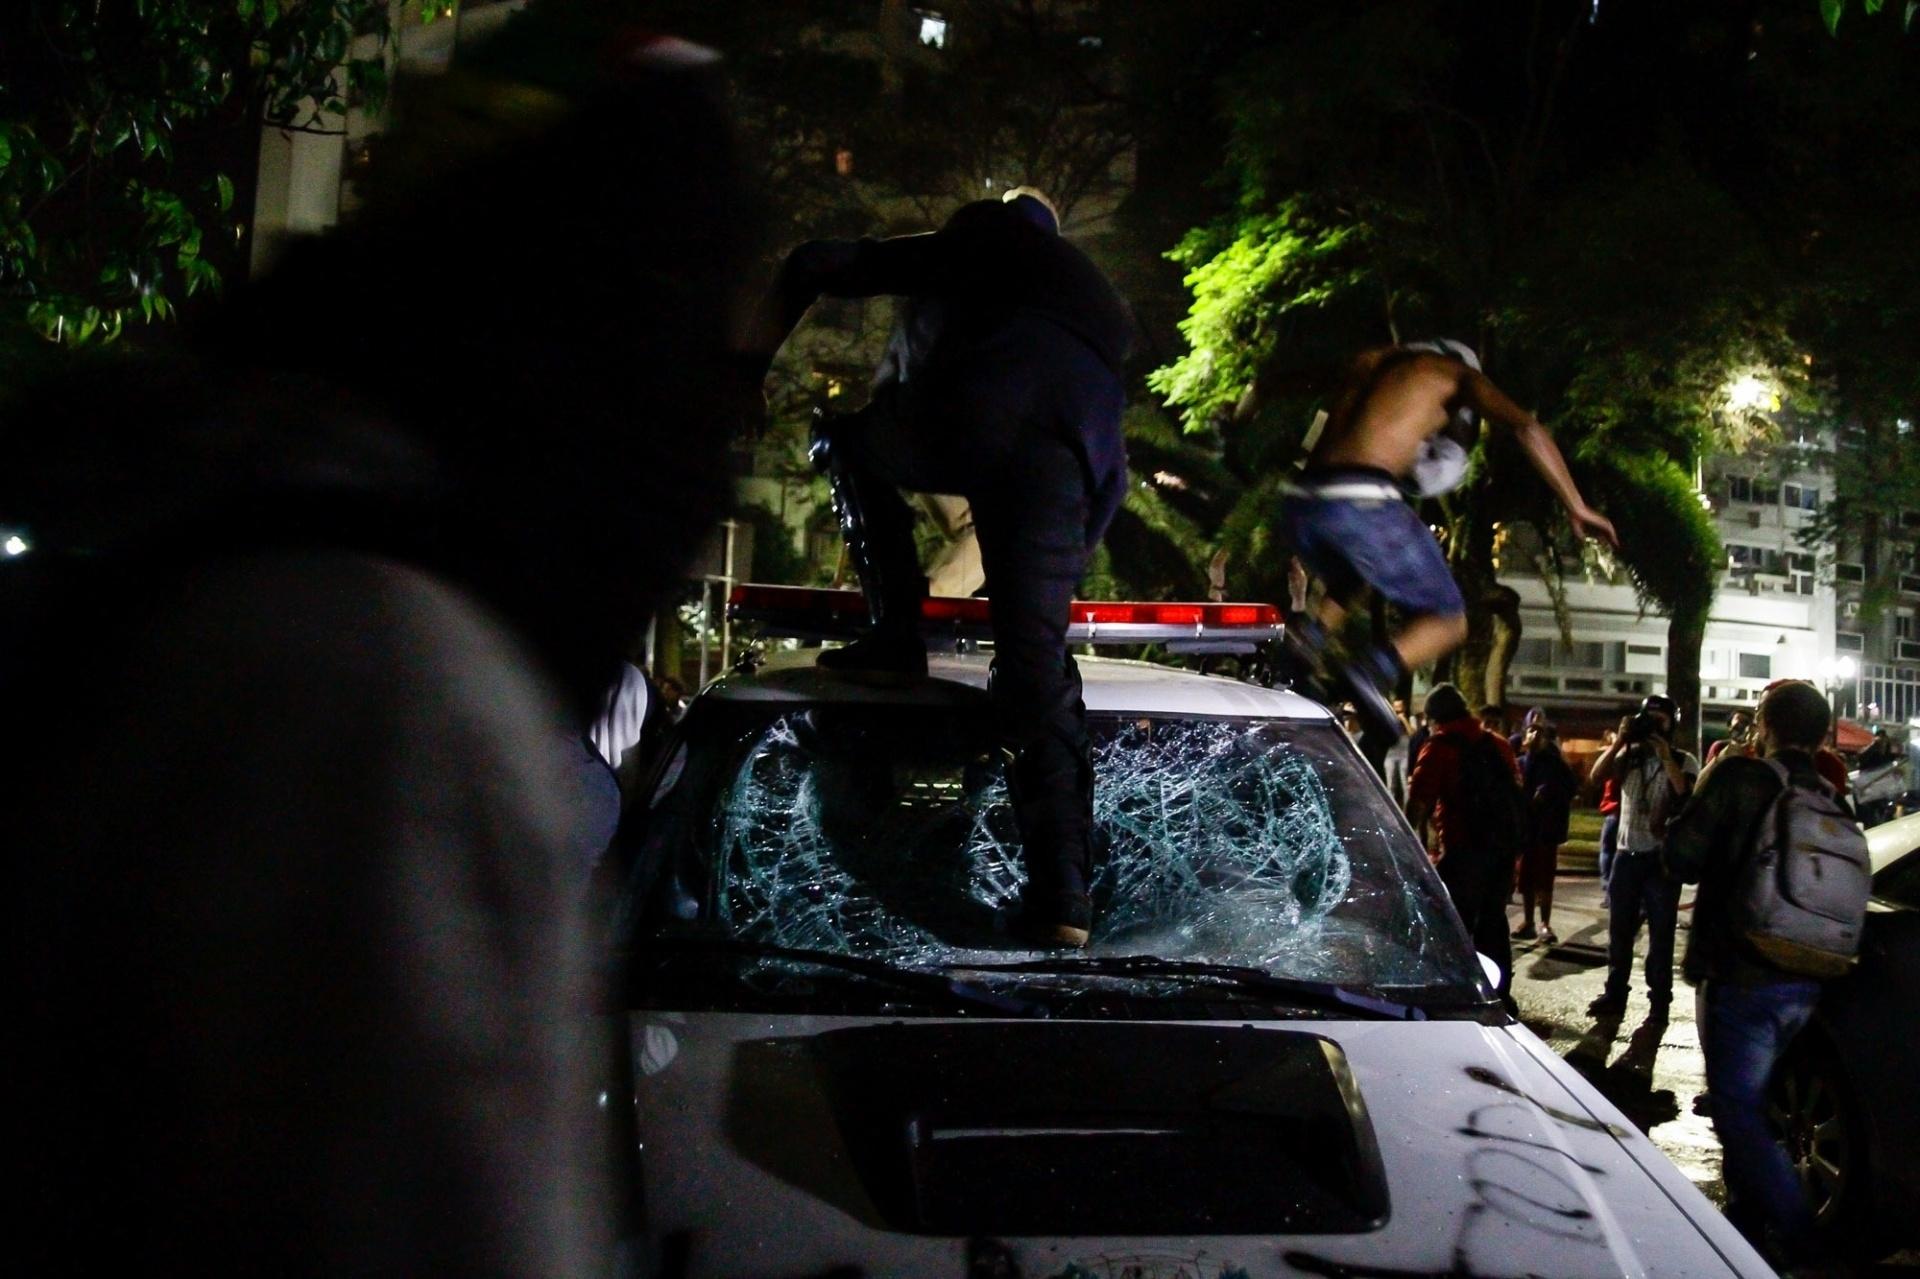 31.ago.2016 - Manifestantes contra o impeachment de Dilma Rousseff quebram carro de polícia durante ato na avenida Paulista, em São Paulo